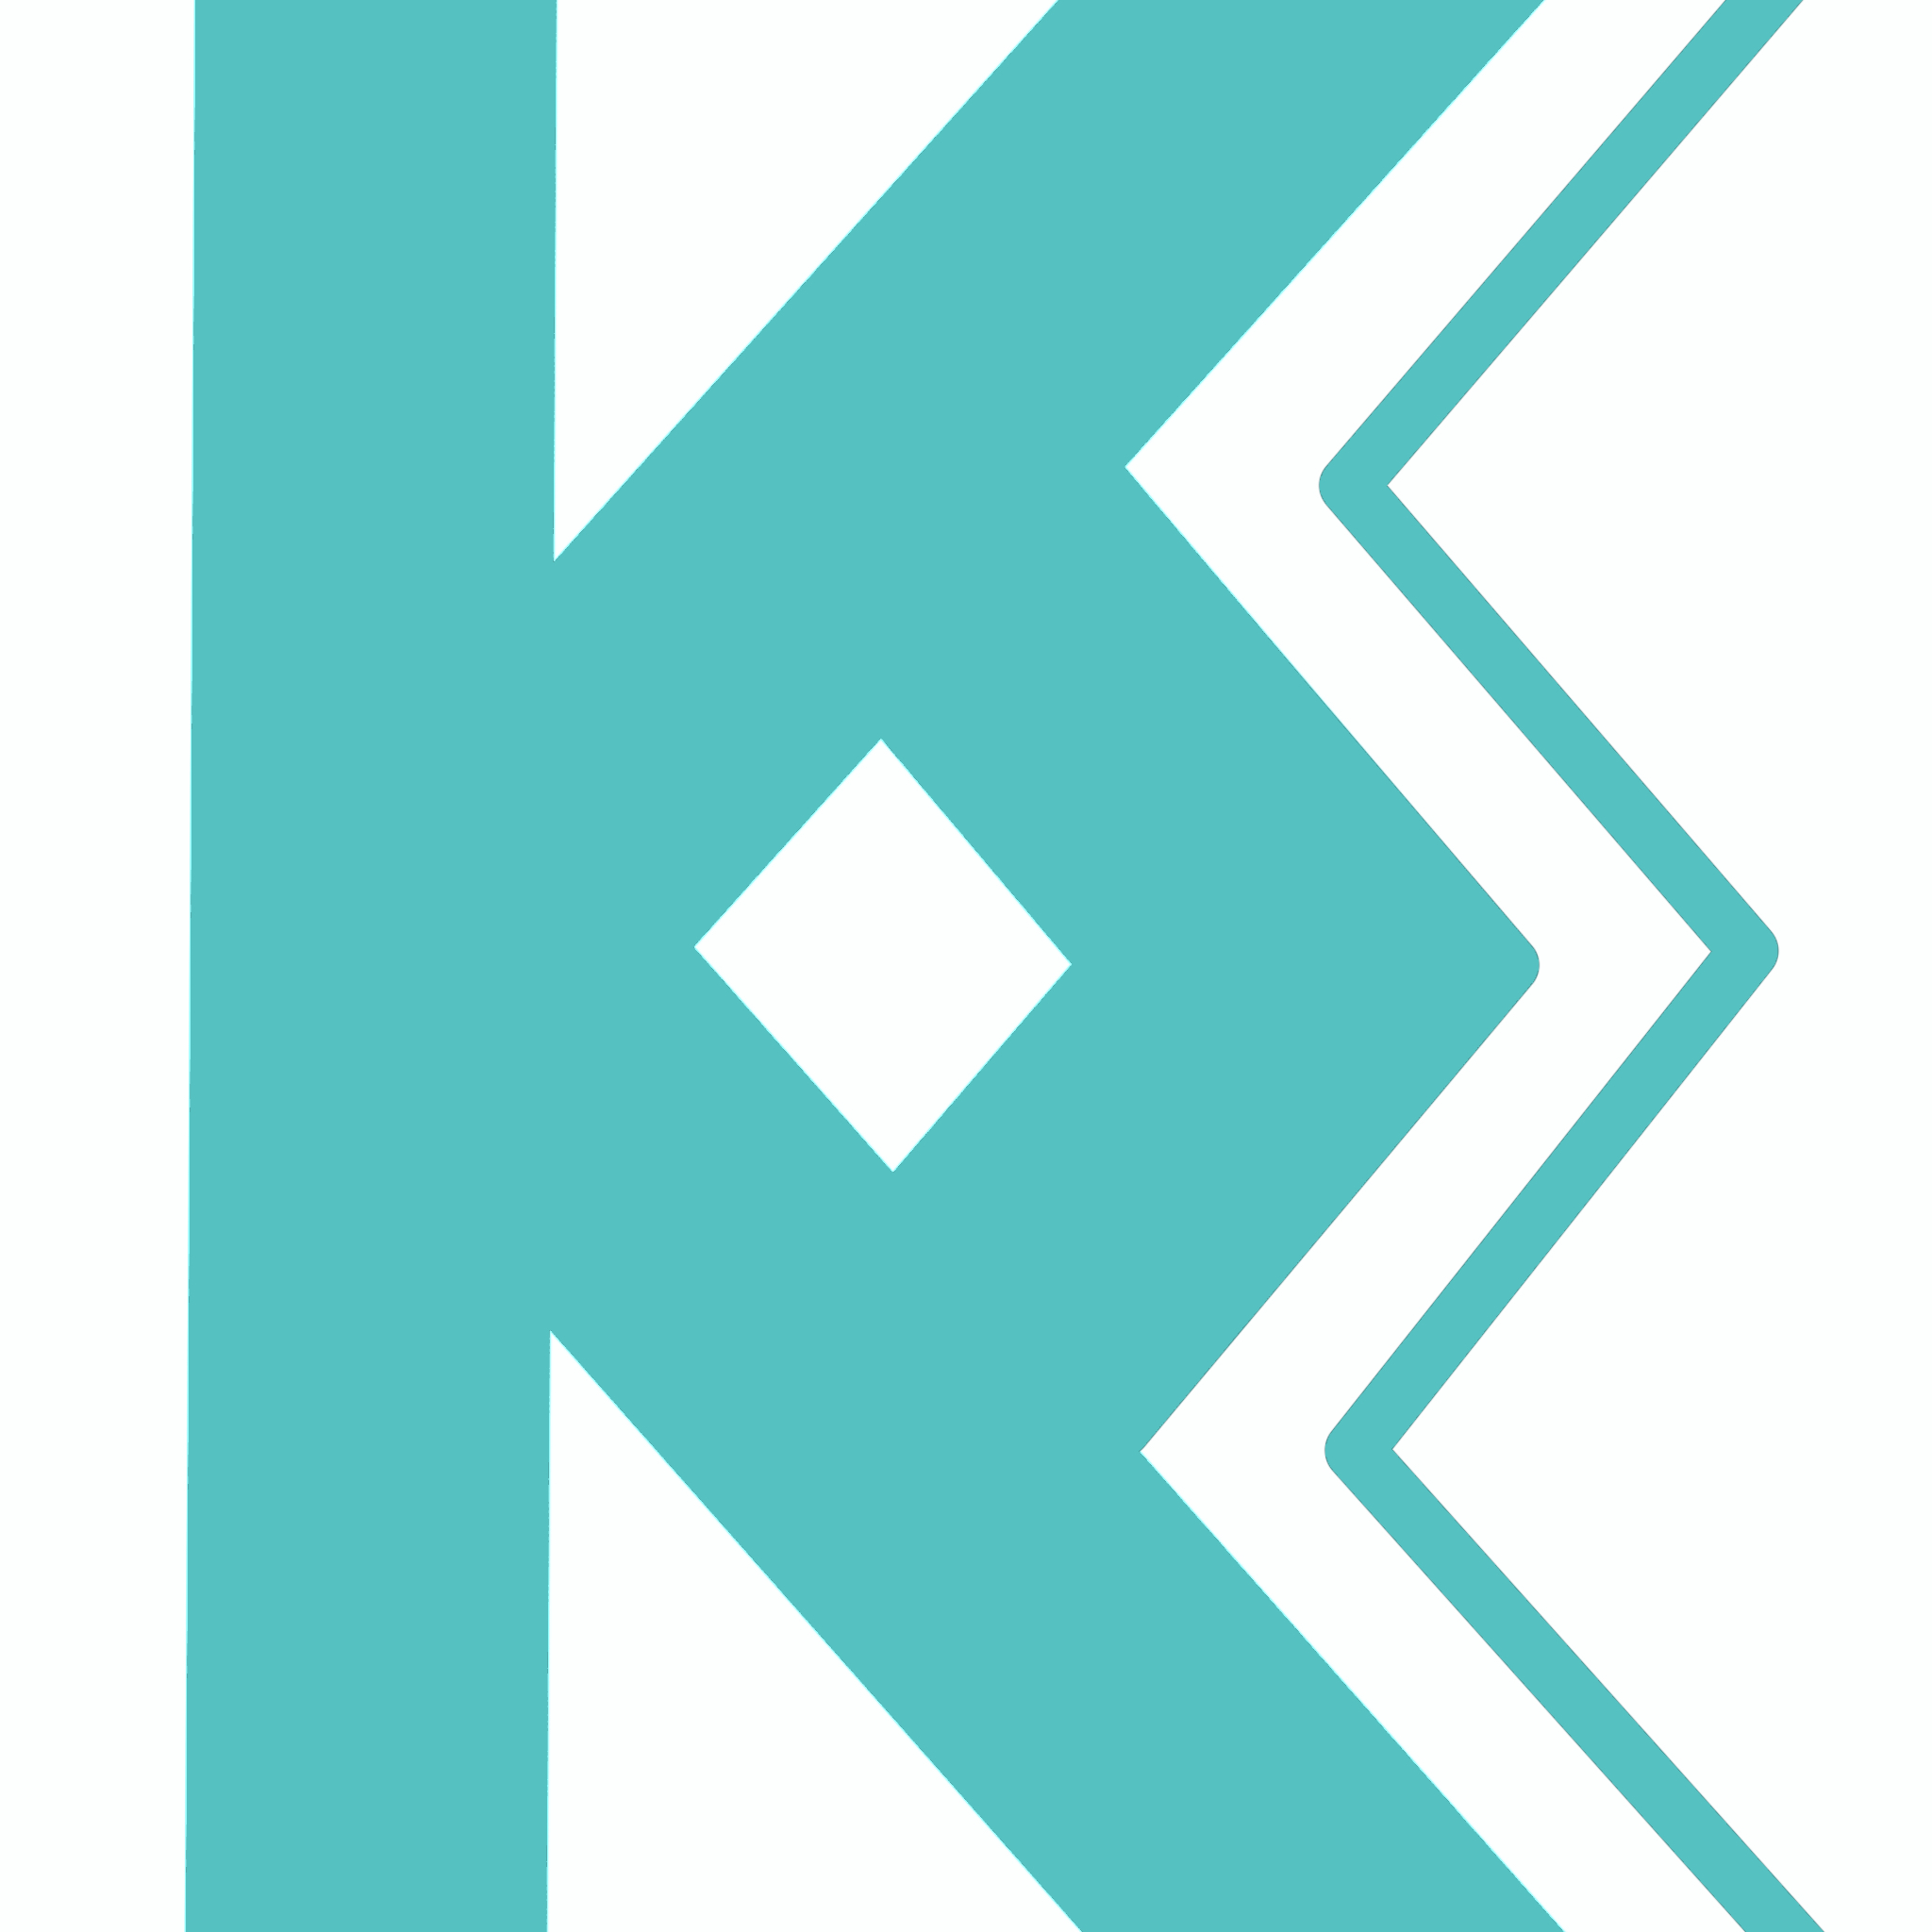 kokoworld